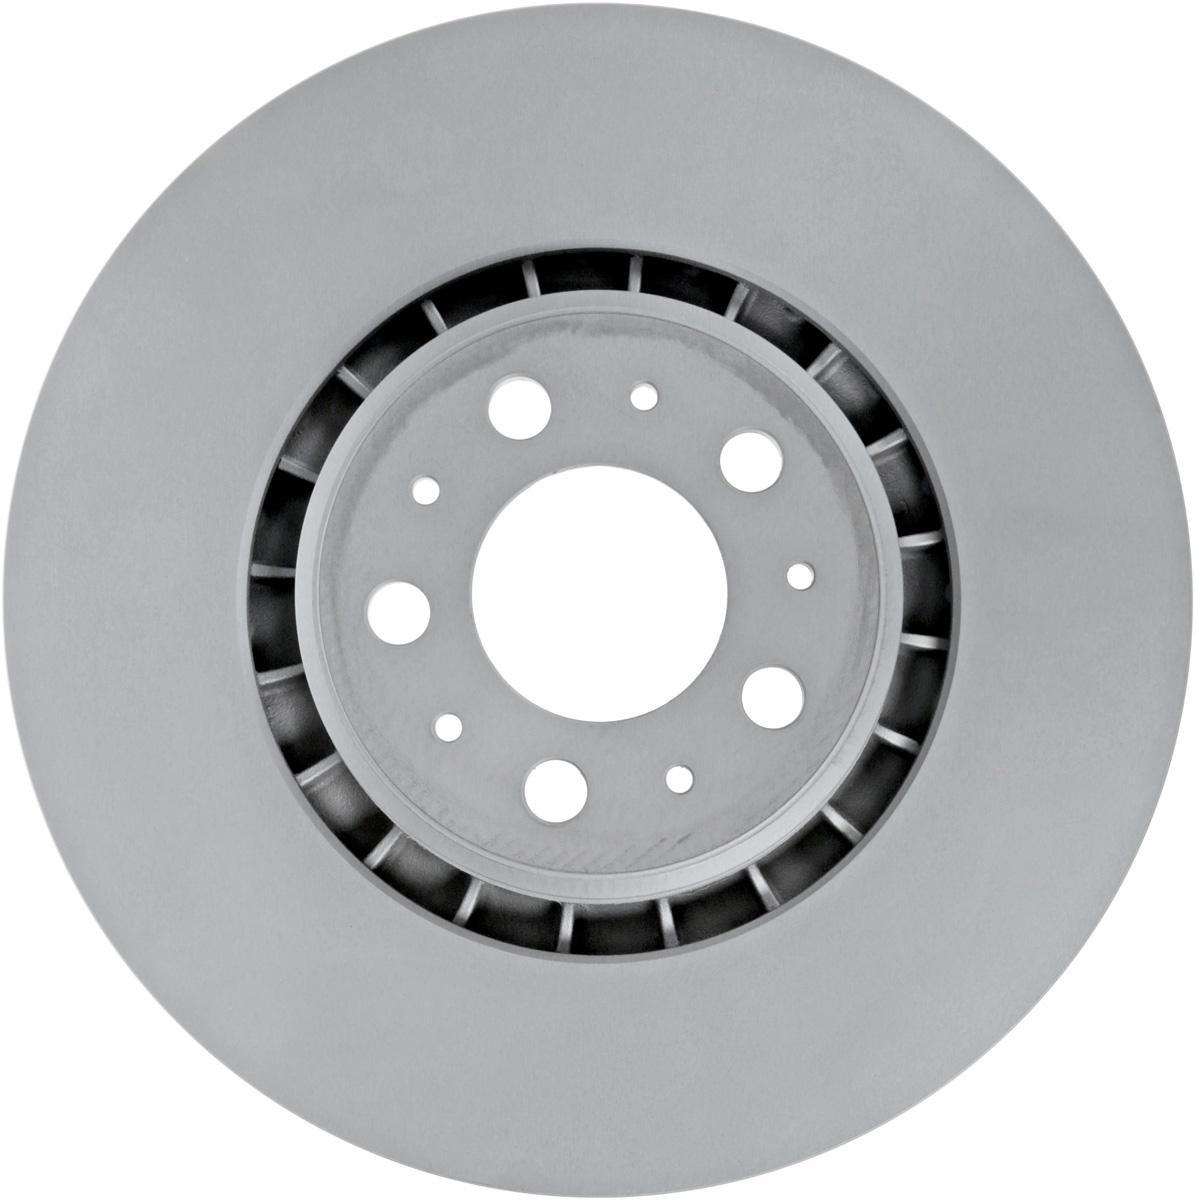 Диск тормозной передний Zimmermann. 610370720610370720Диск тормозной серии Coat Z(с антикоррозионным покрытием), высокоуглеродистый Рекомендуем!